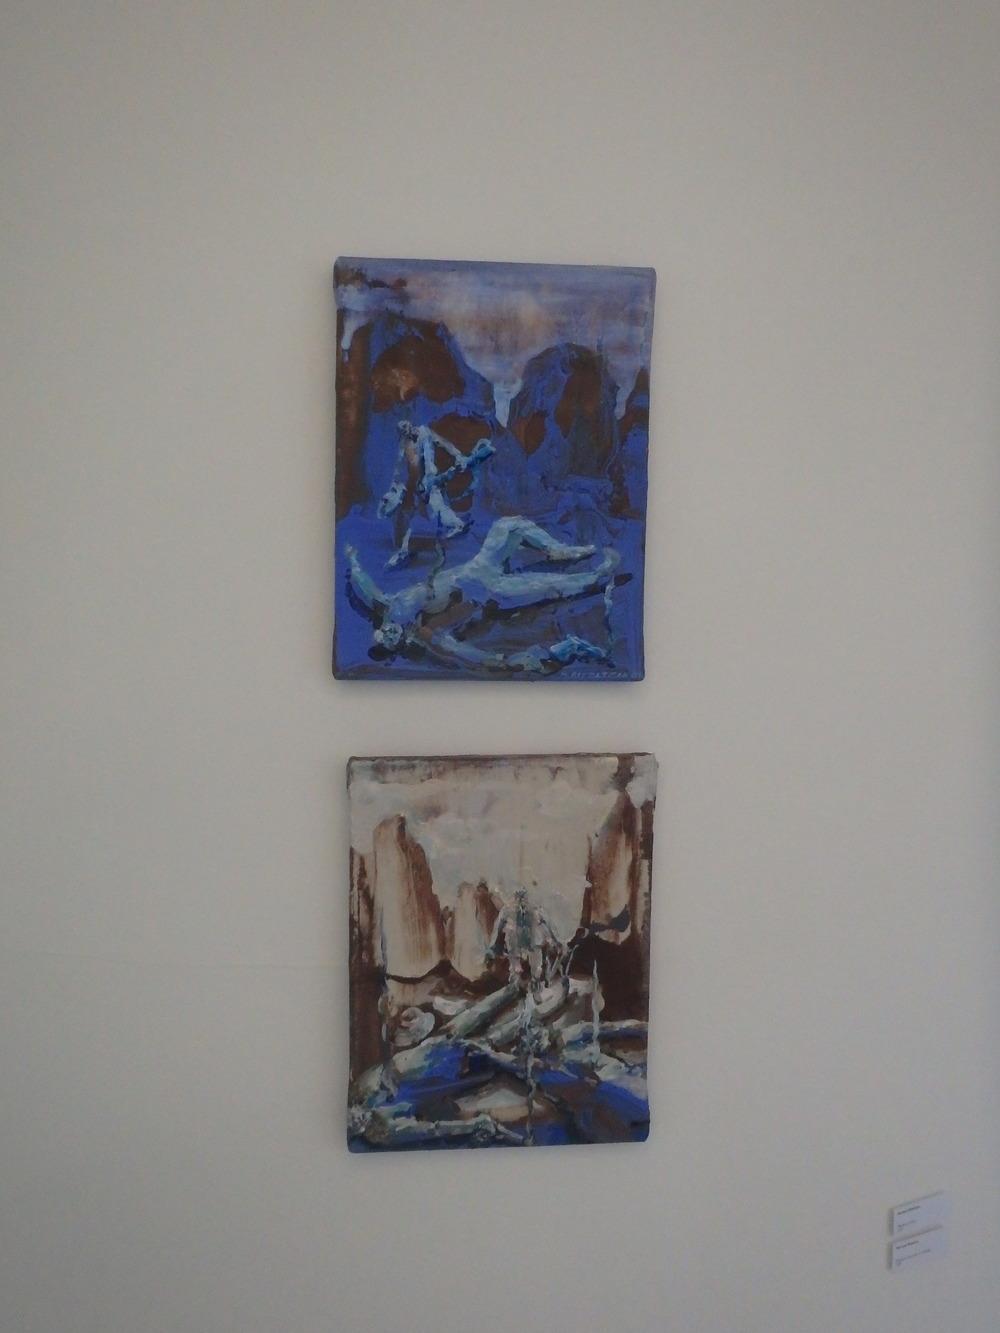 Michael Rittstein, Předání peněz, 2011, plátno, akryl, 30 x 40 cm 32 500 Kč    Michael Rittstein, Předání (dopadlo to dobře), 2011, plátno, akryl, 30 x 40 cm